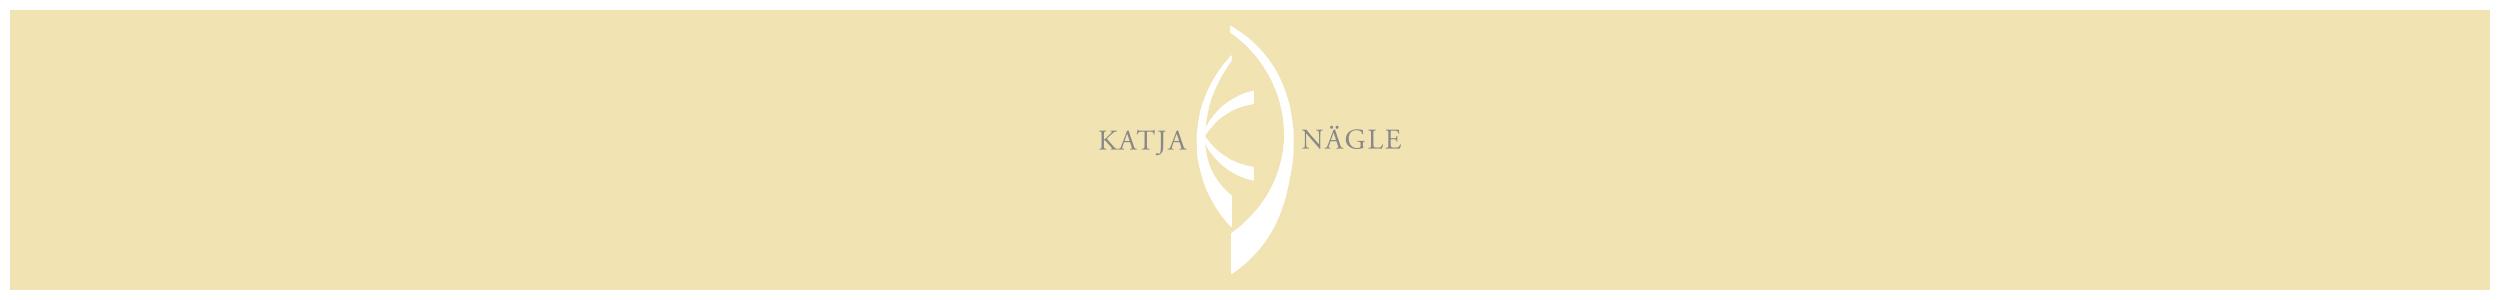 Katja Nägle